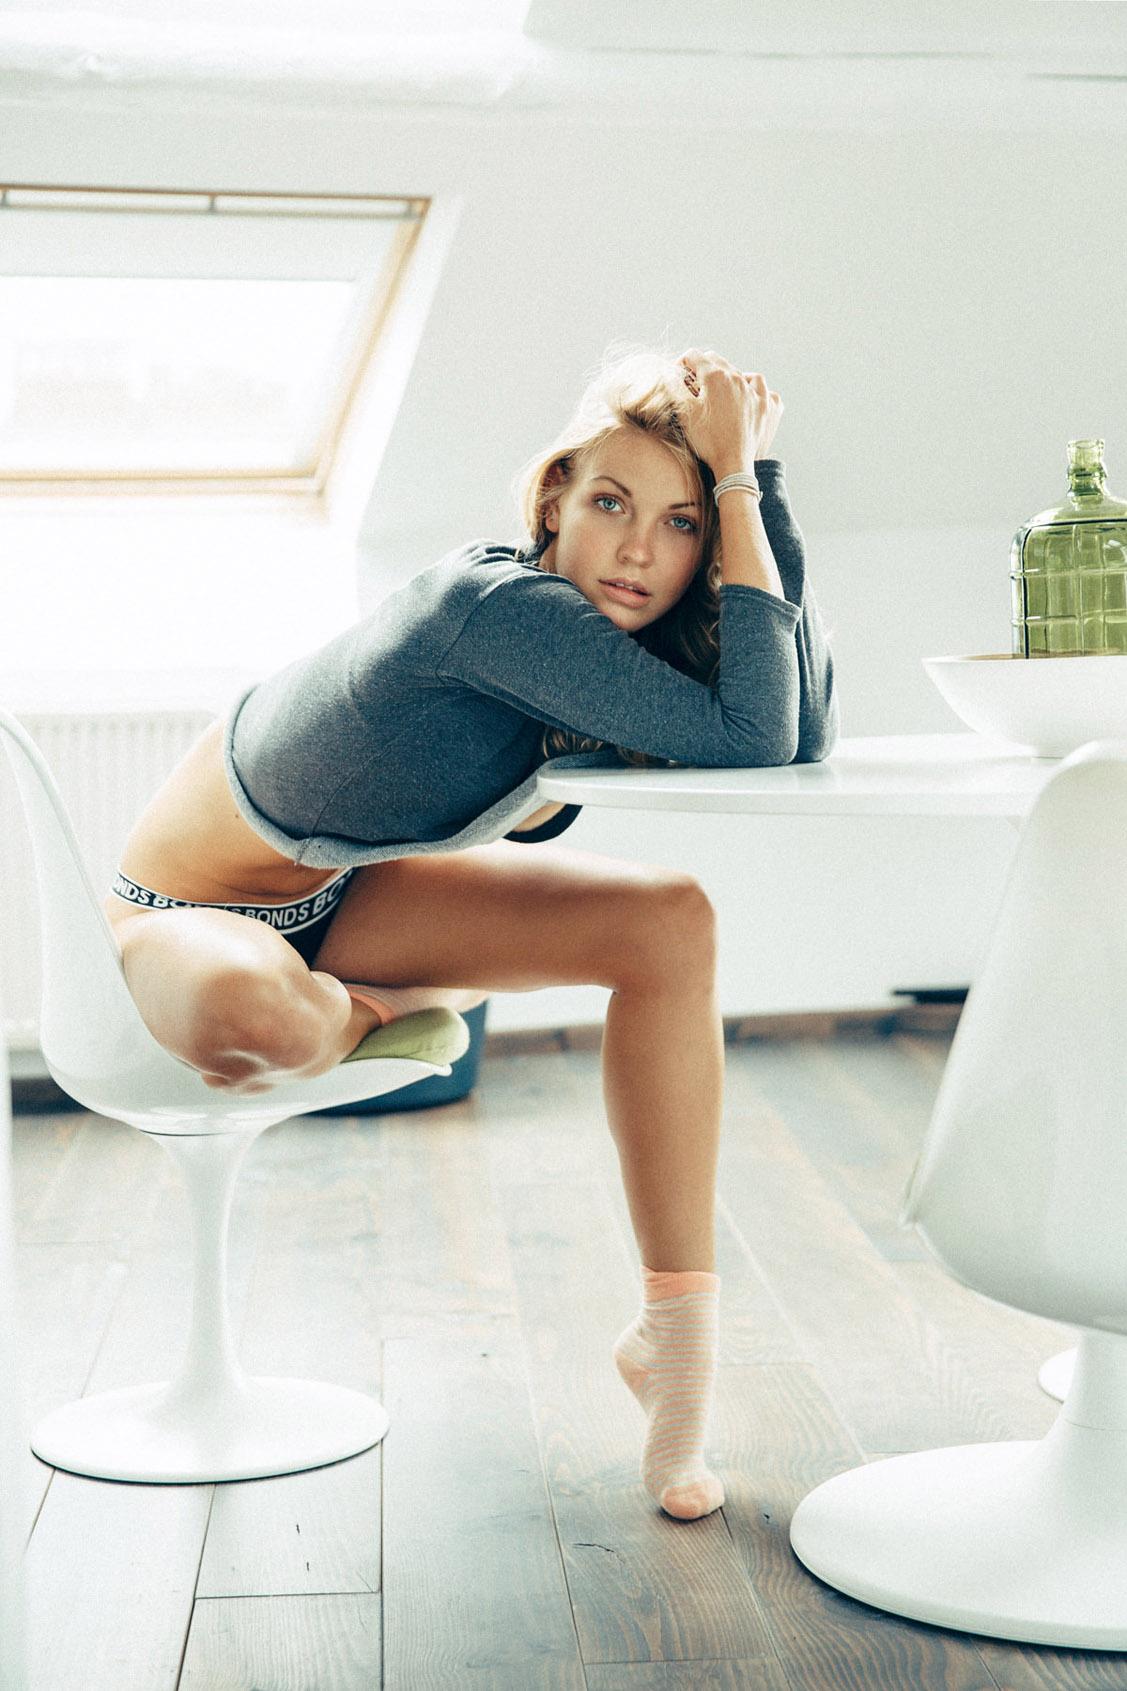 Красивая девушка в носках - модель София Луна-Лиза / Sophia Luna-Lisa by Joerg Billwitz - Socks!